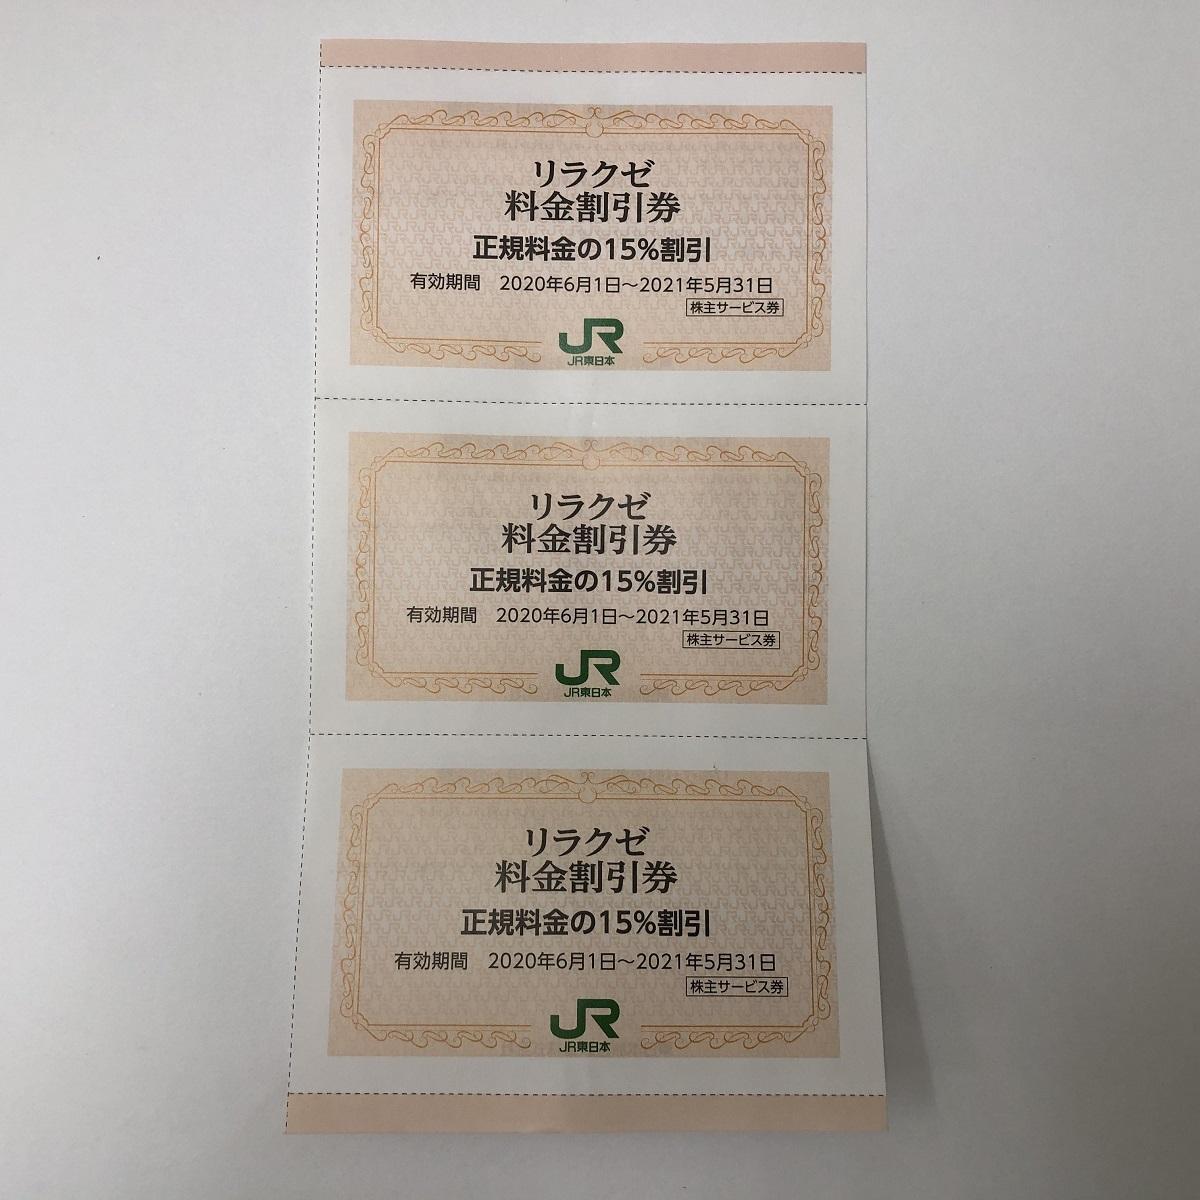 【大黒屋】即決 JR東日本株主優待券 リラクゼ料金15%割引券 3枚セット 有効期限:2021年5月31日迄 1-5セット_画像1